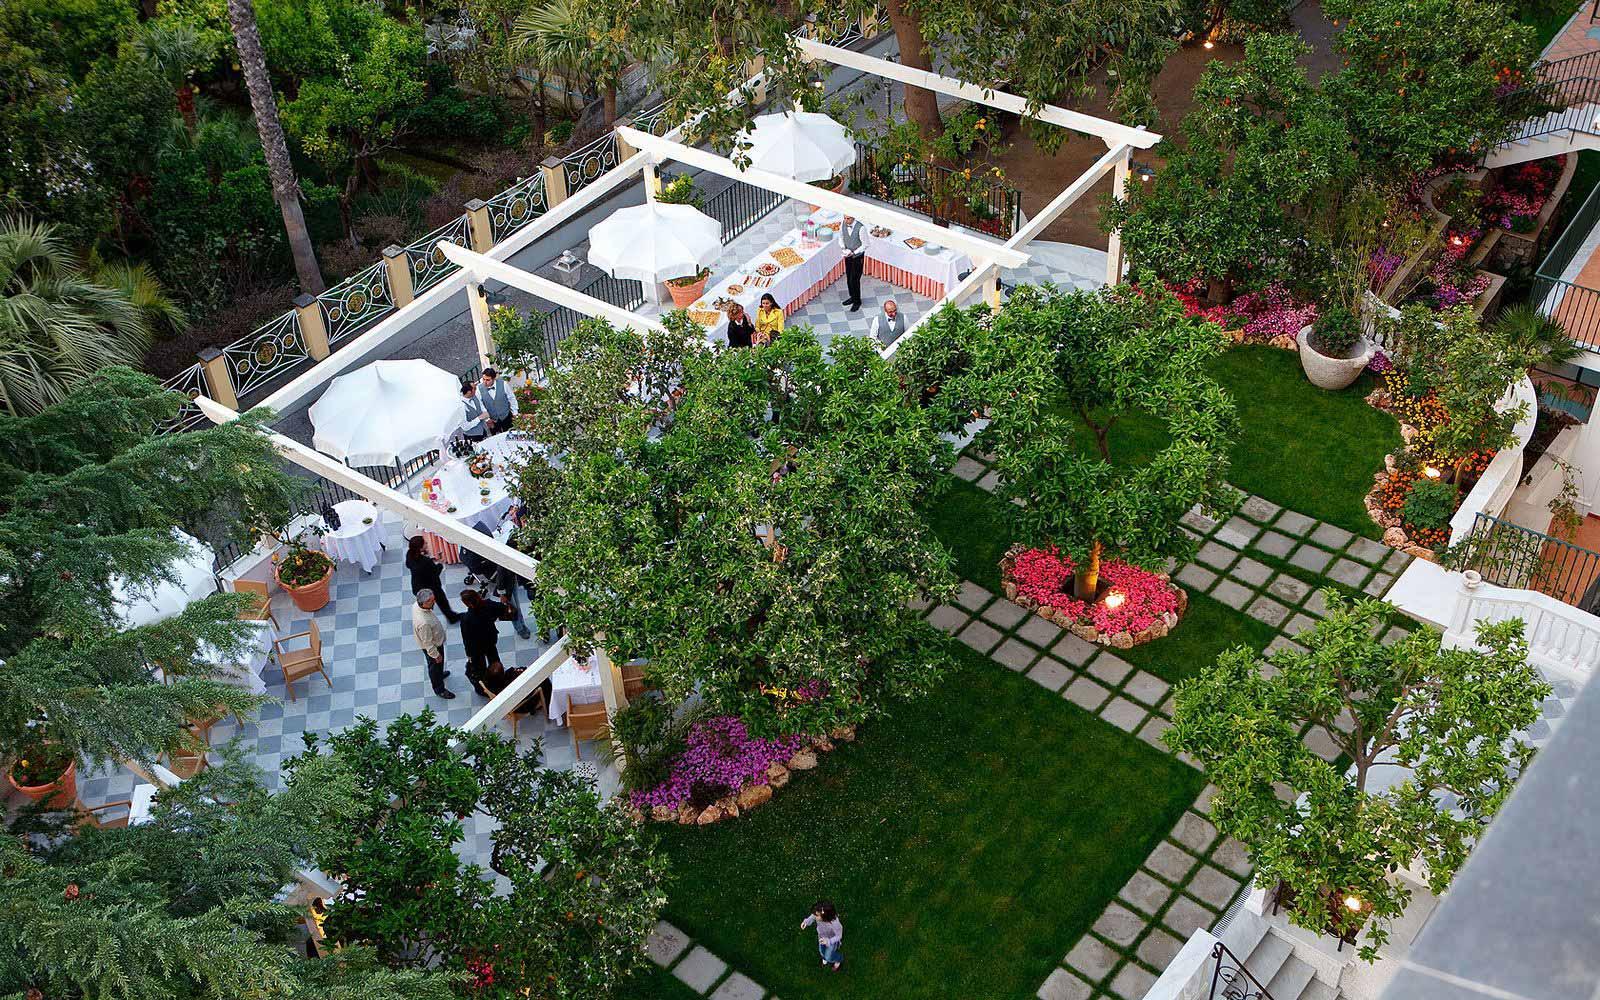 Garden terrace at the Grand Hotel La Favorita